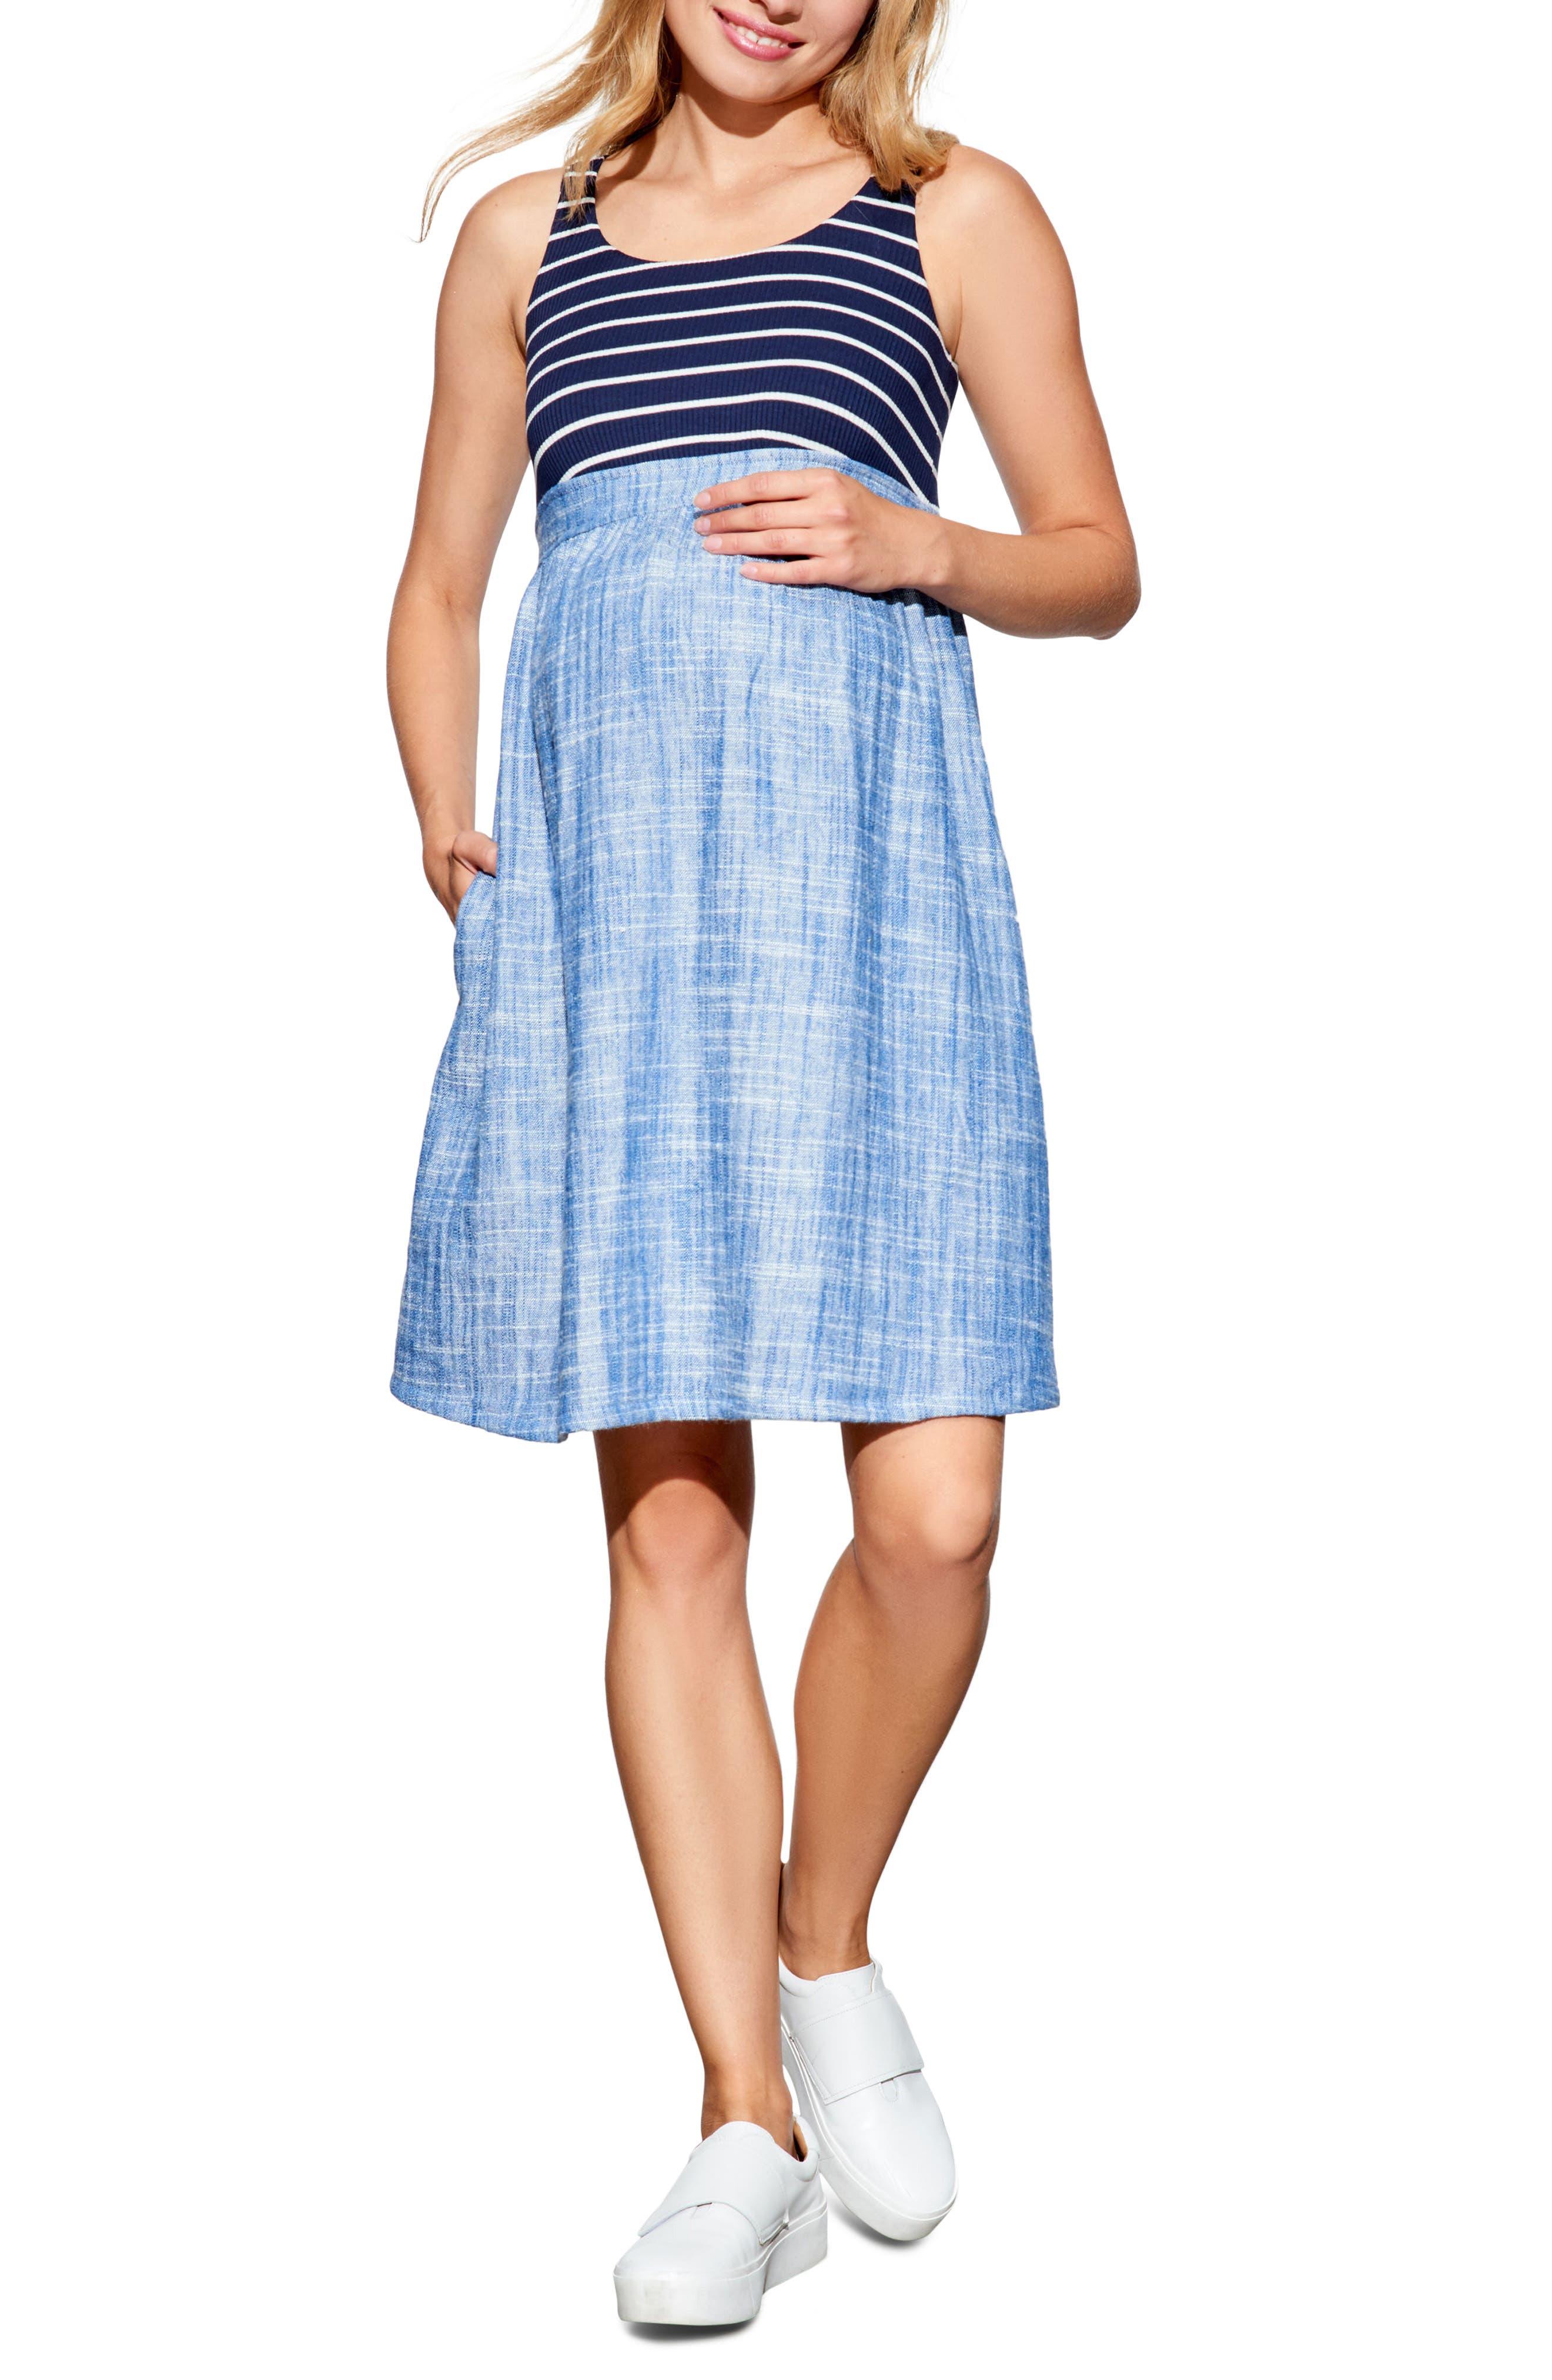 Maternal America Empire Waist Maternity Dress, Blue